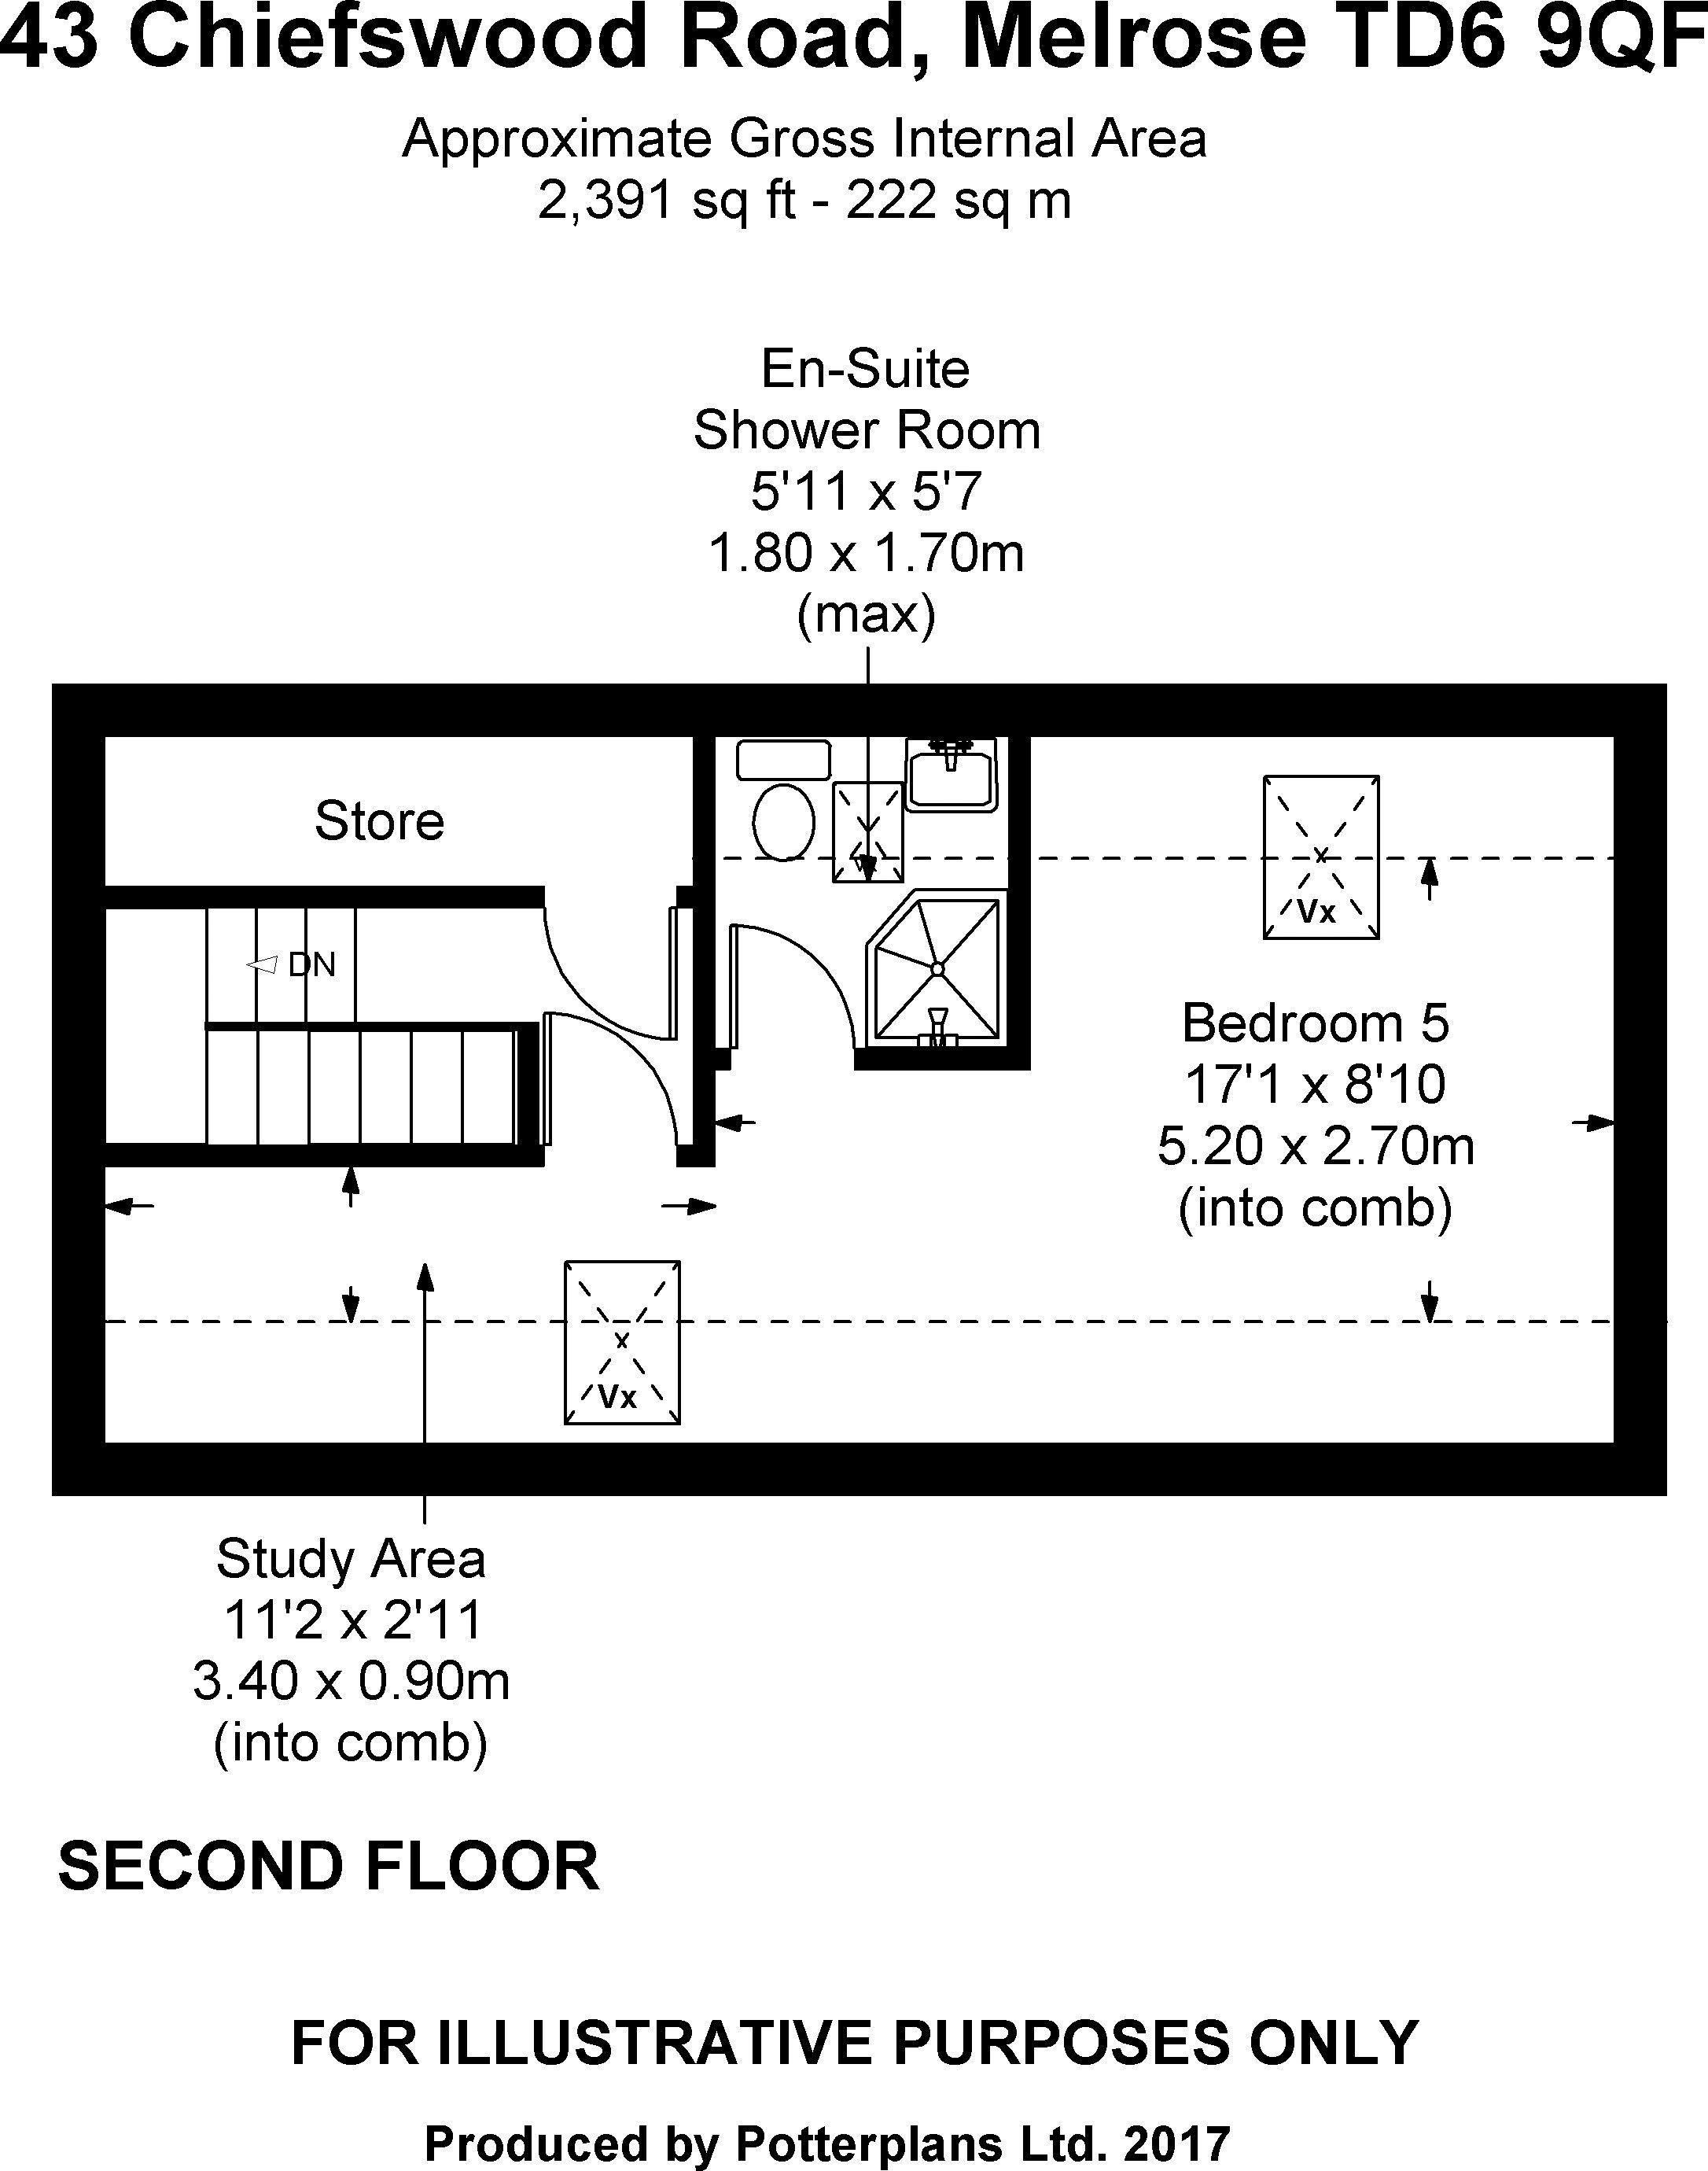 43 Chiefswood Road Second Floor